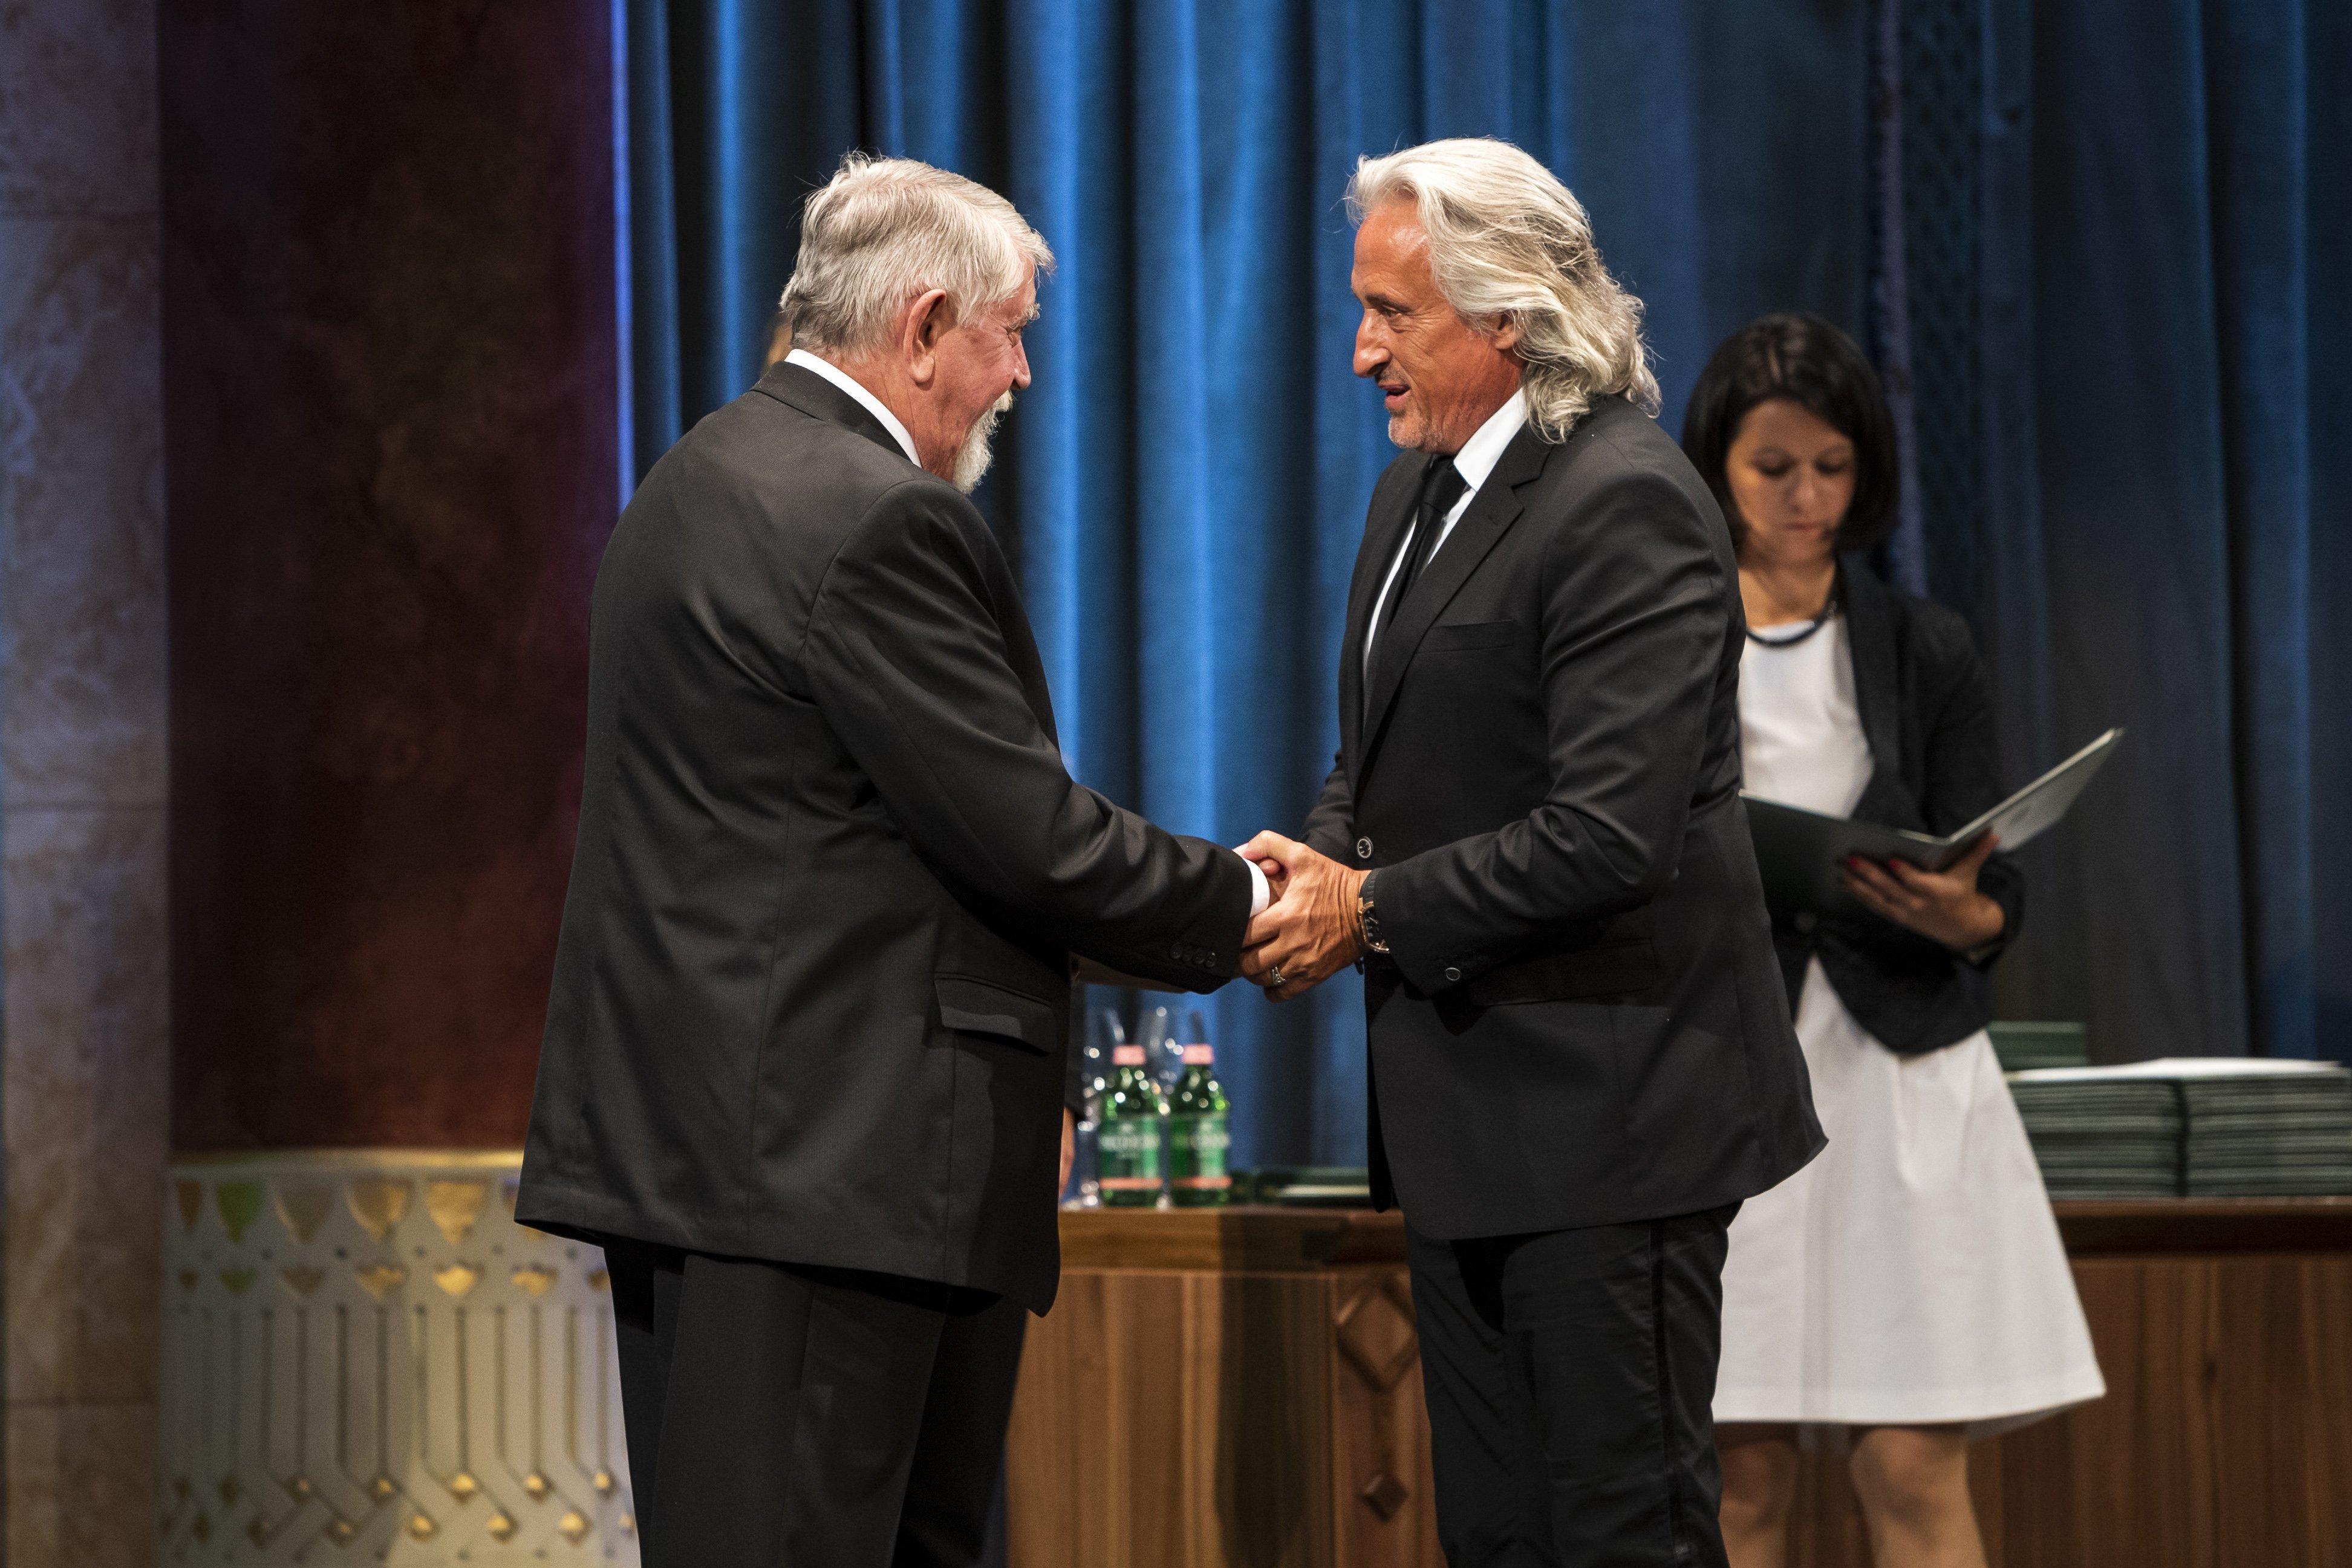 Állami kitüntetést kapott Patyi András és Mága Zoltán is